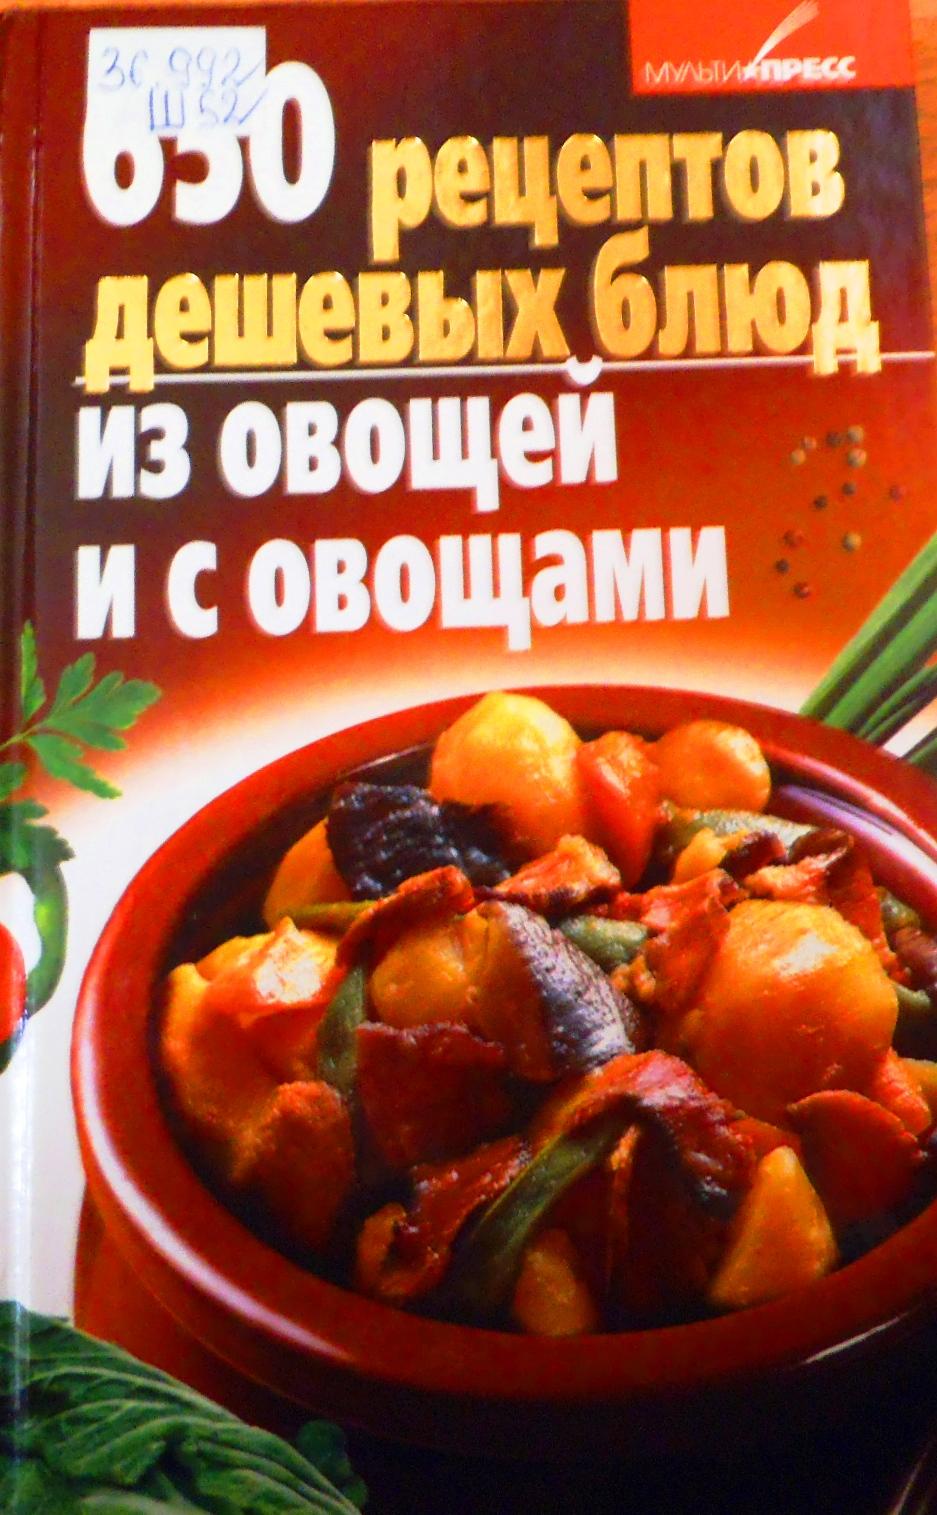 Рецепты дешевых салатов на каждый день